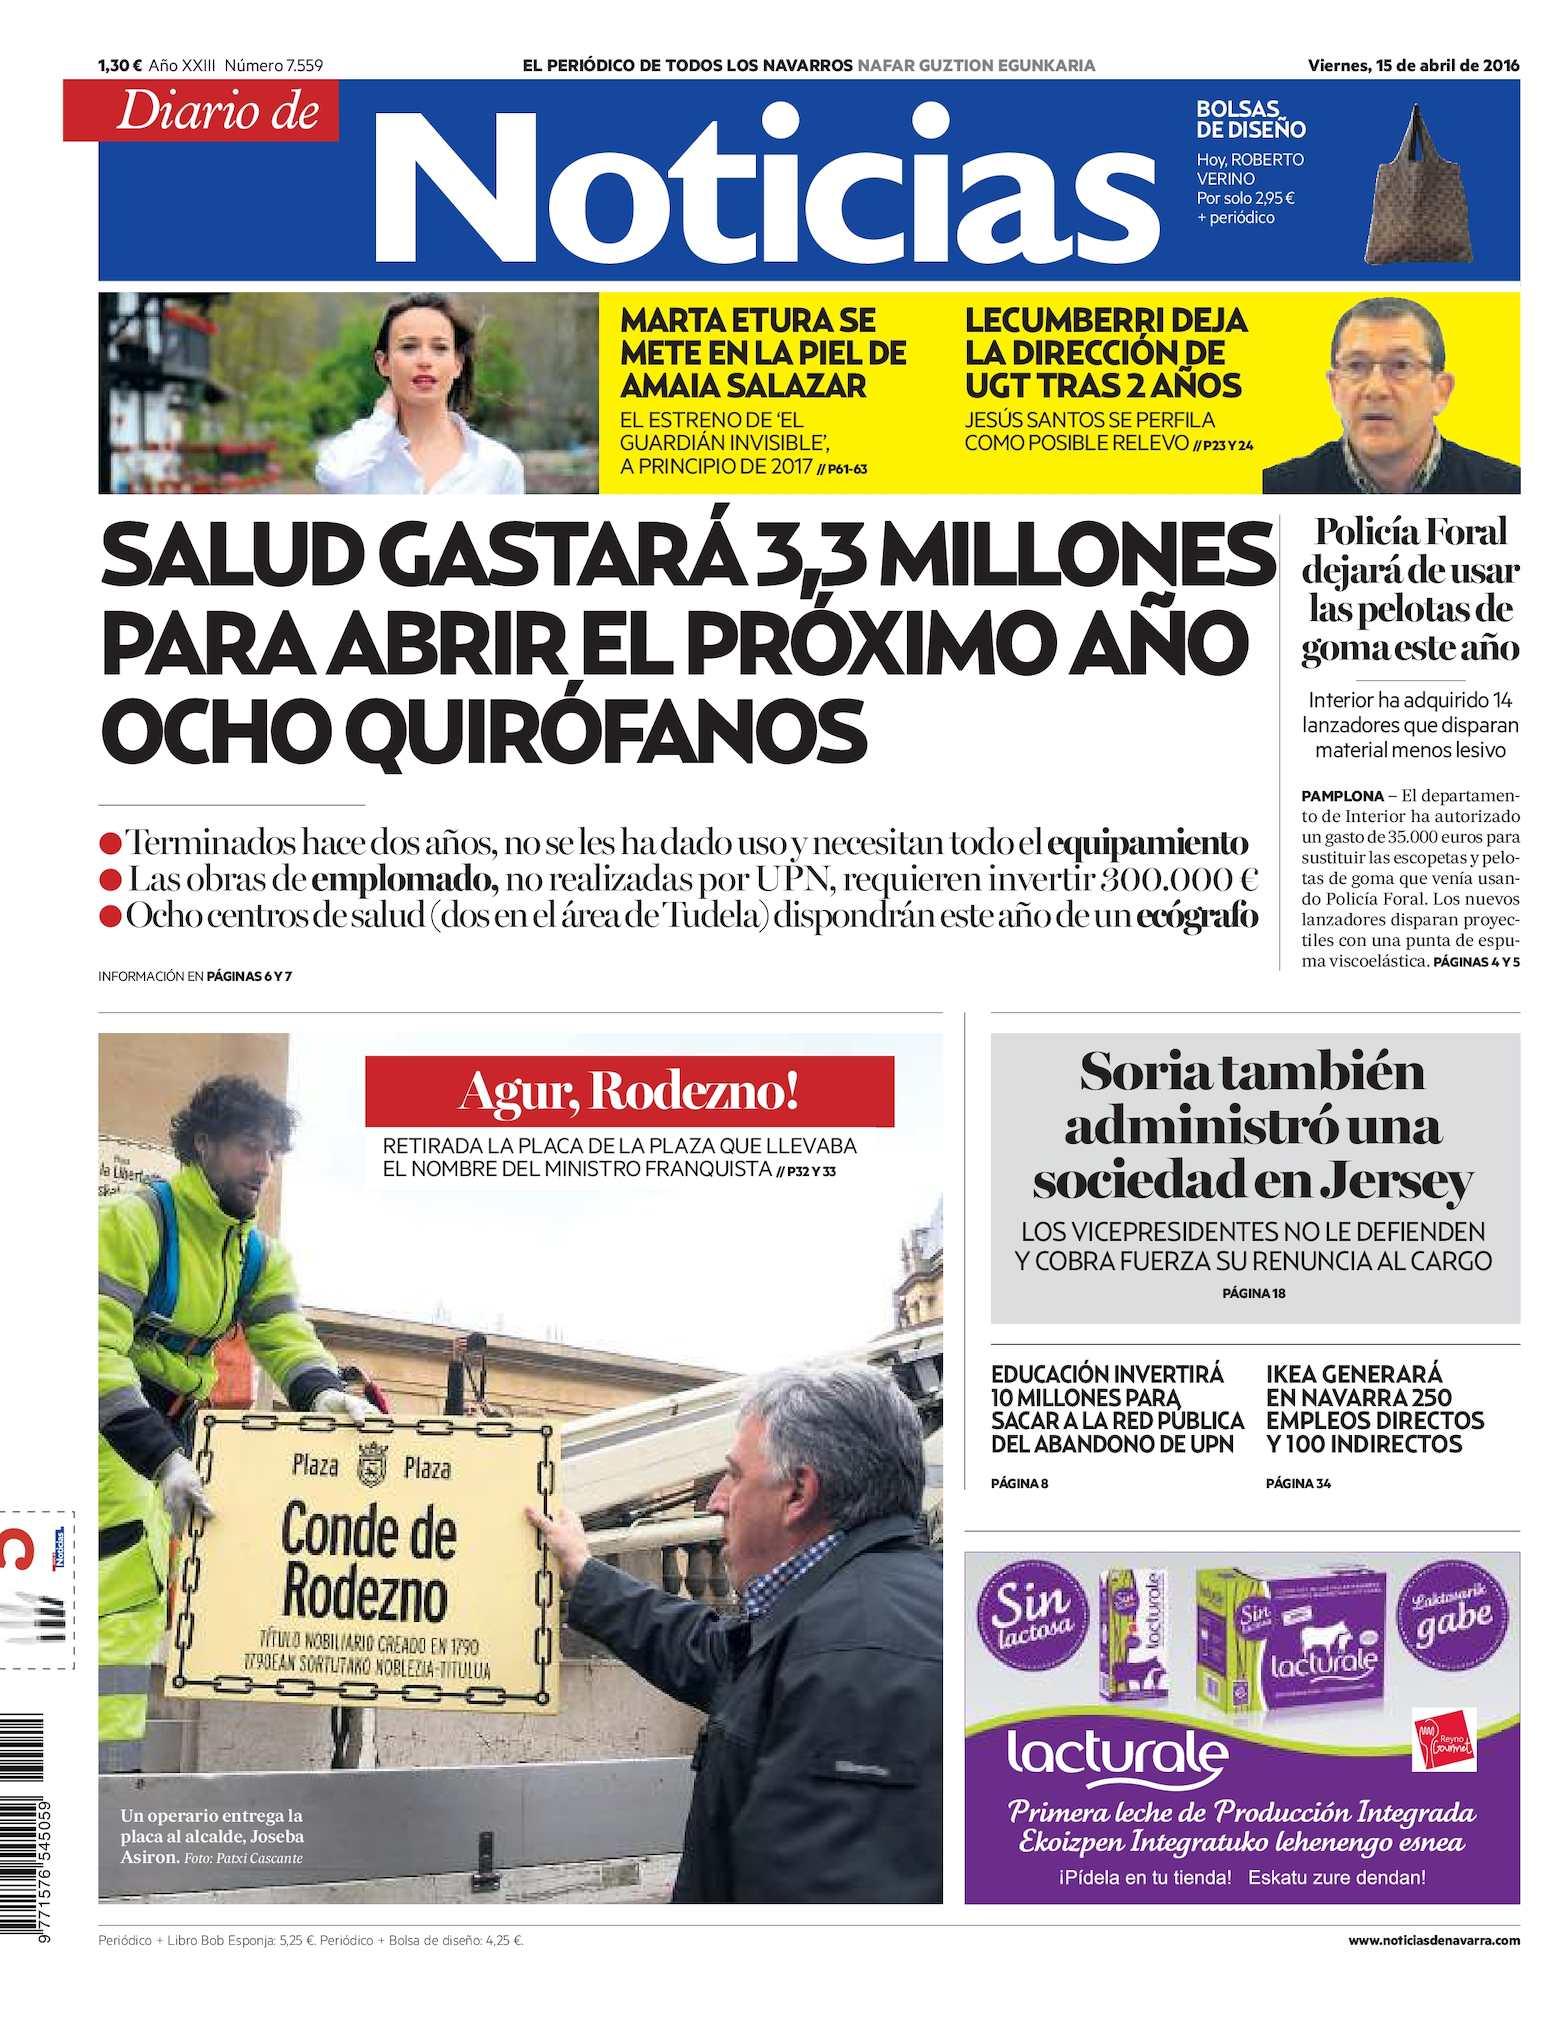 Calaméo - Diario de Noticias 20160415 126a973b20b